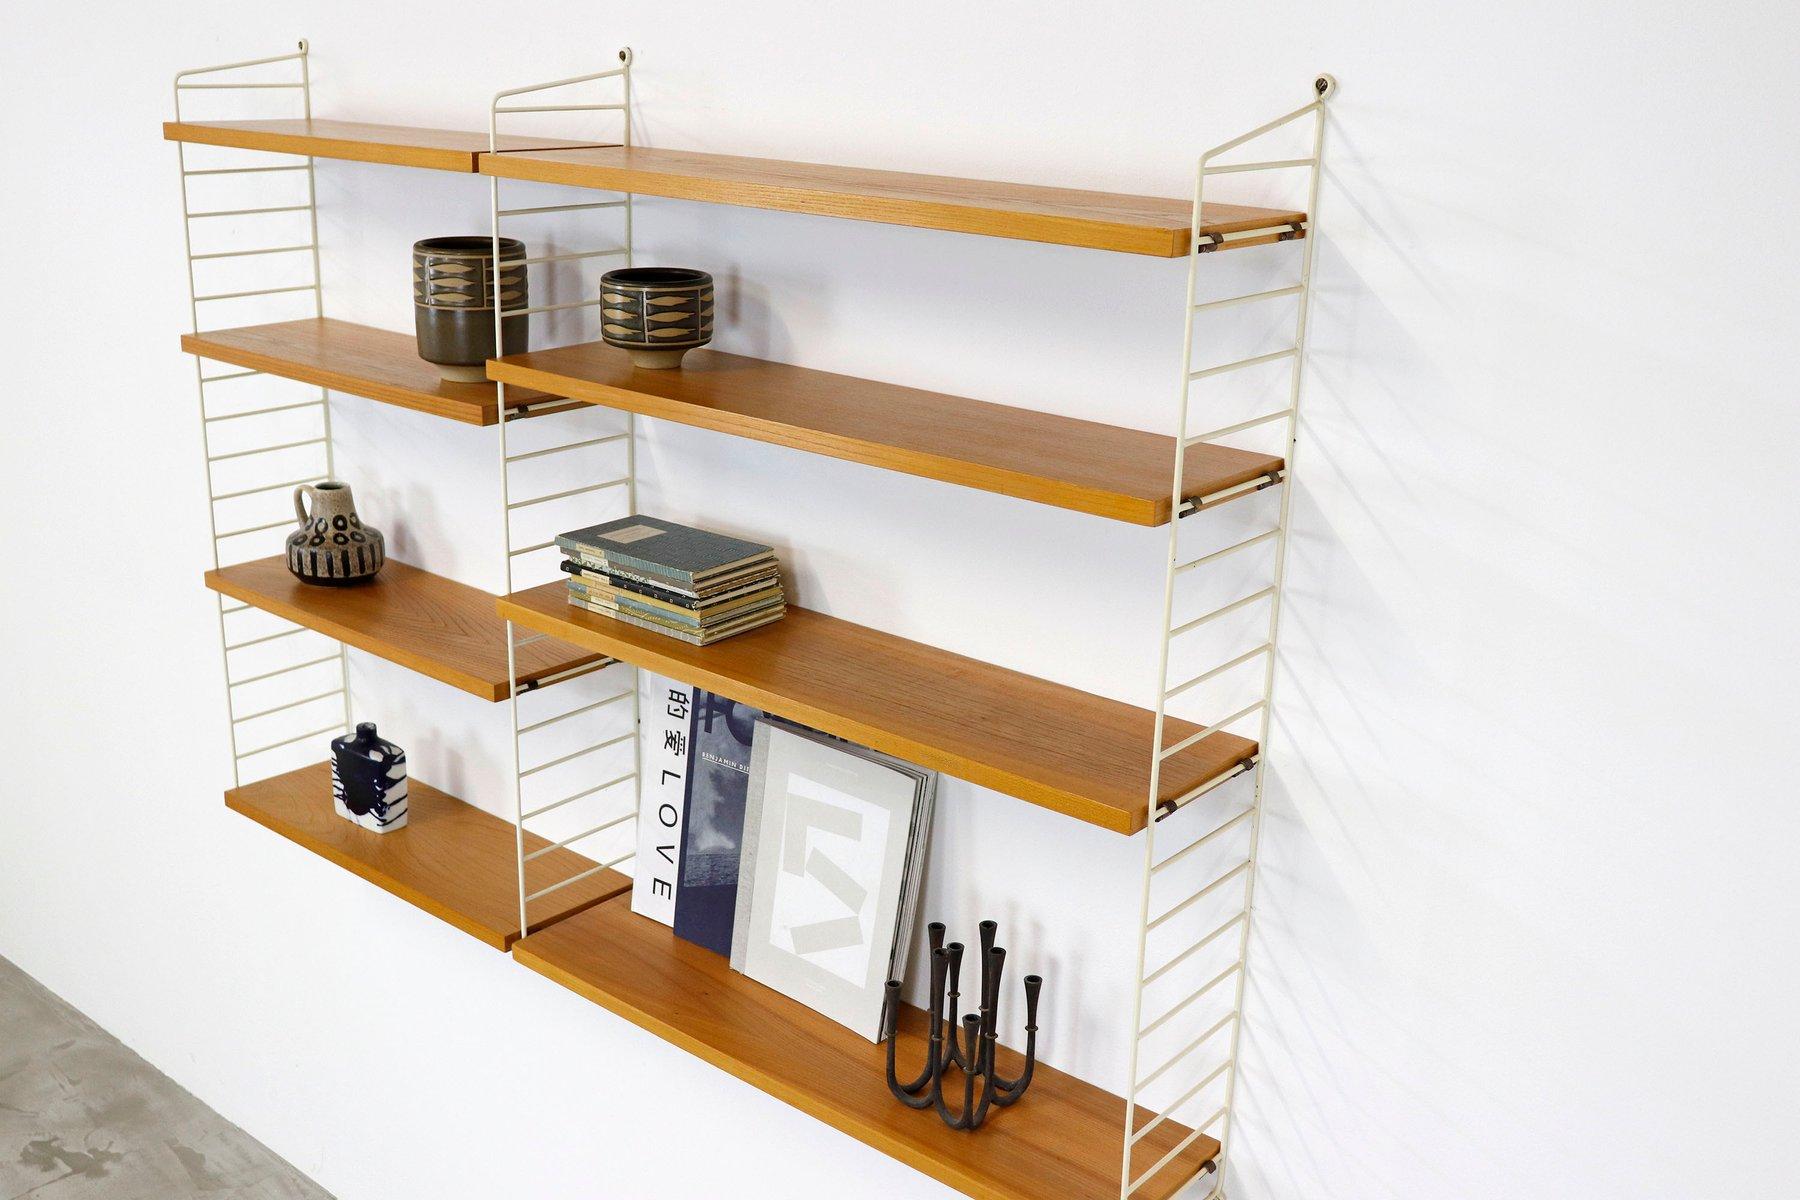 Vintage Ash Veneer Modular Shelving System By Katja & Nisse